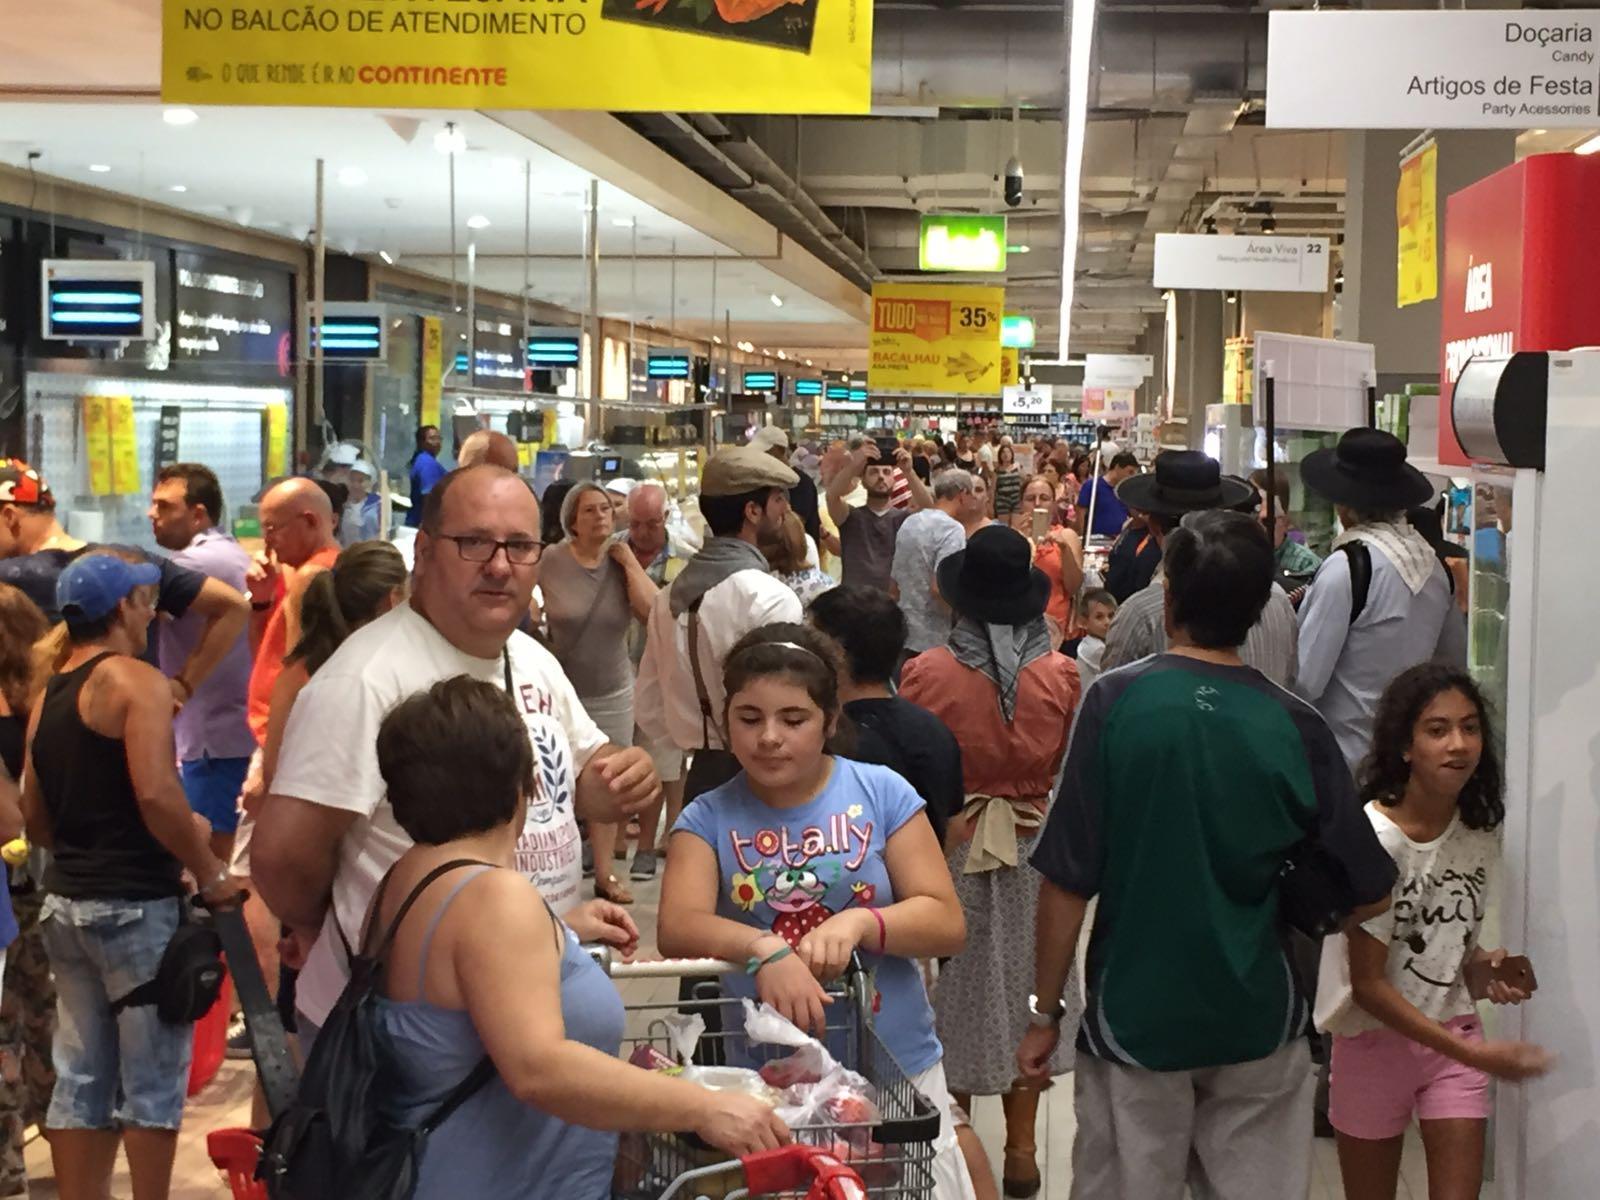 Carnalentejana nas Lojas Continente